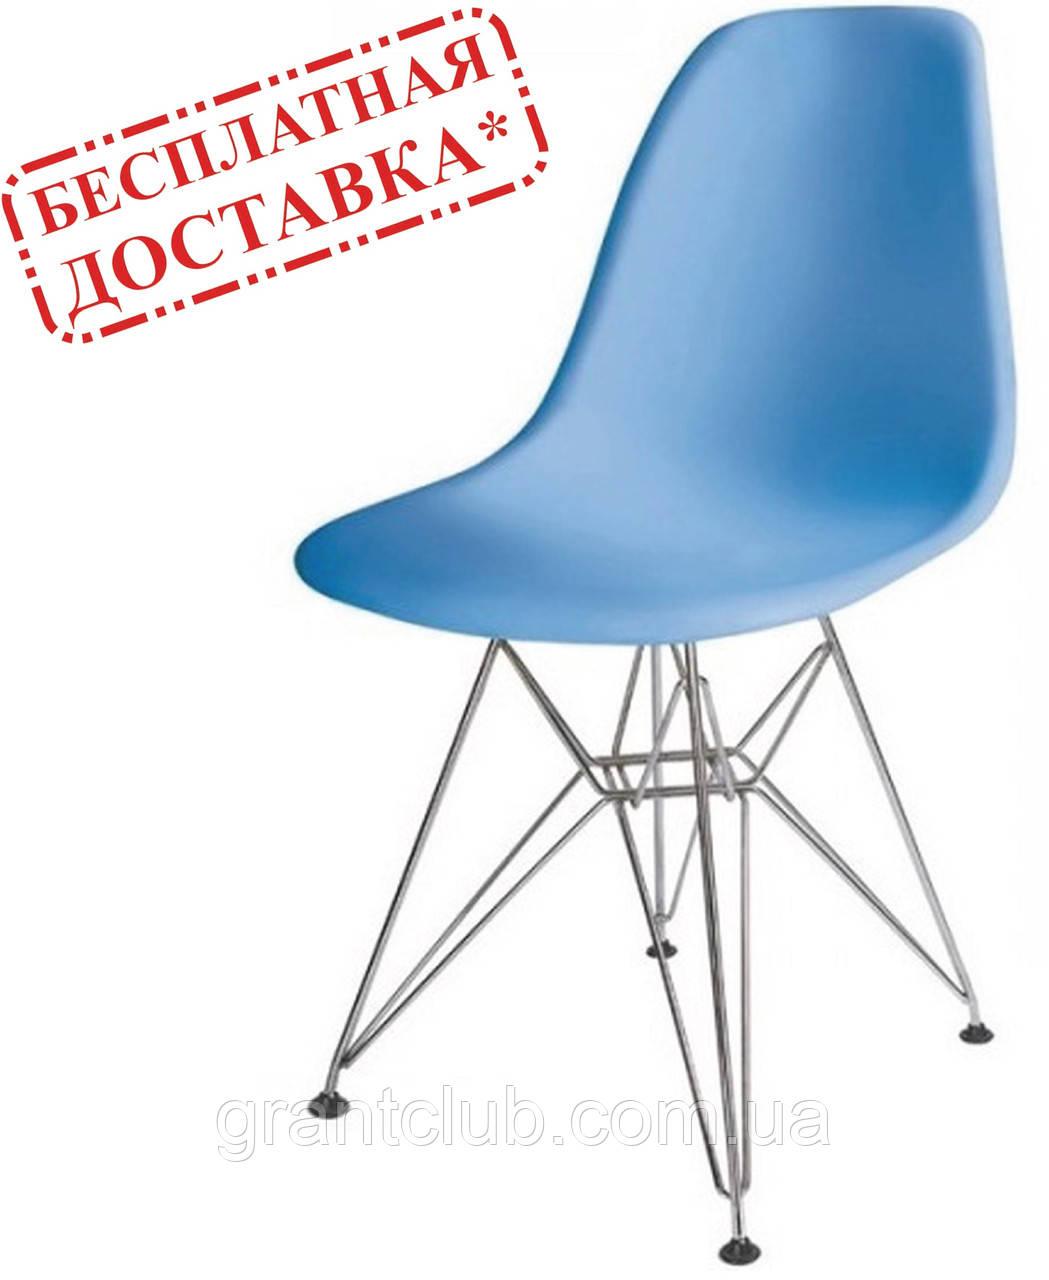 Стул Тауэр голубой пластик ножки хром СДМ группа (бесплатная доставка)